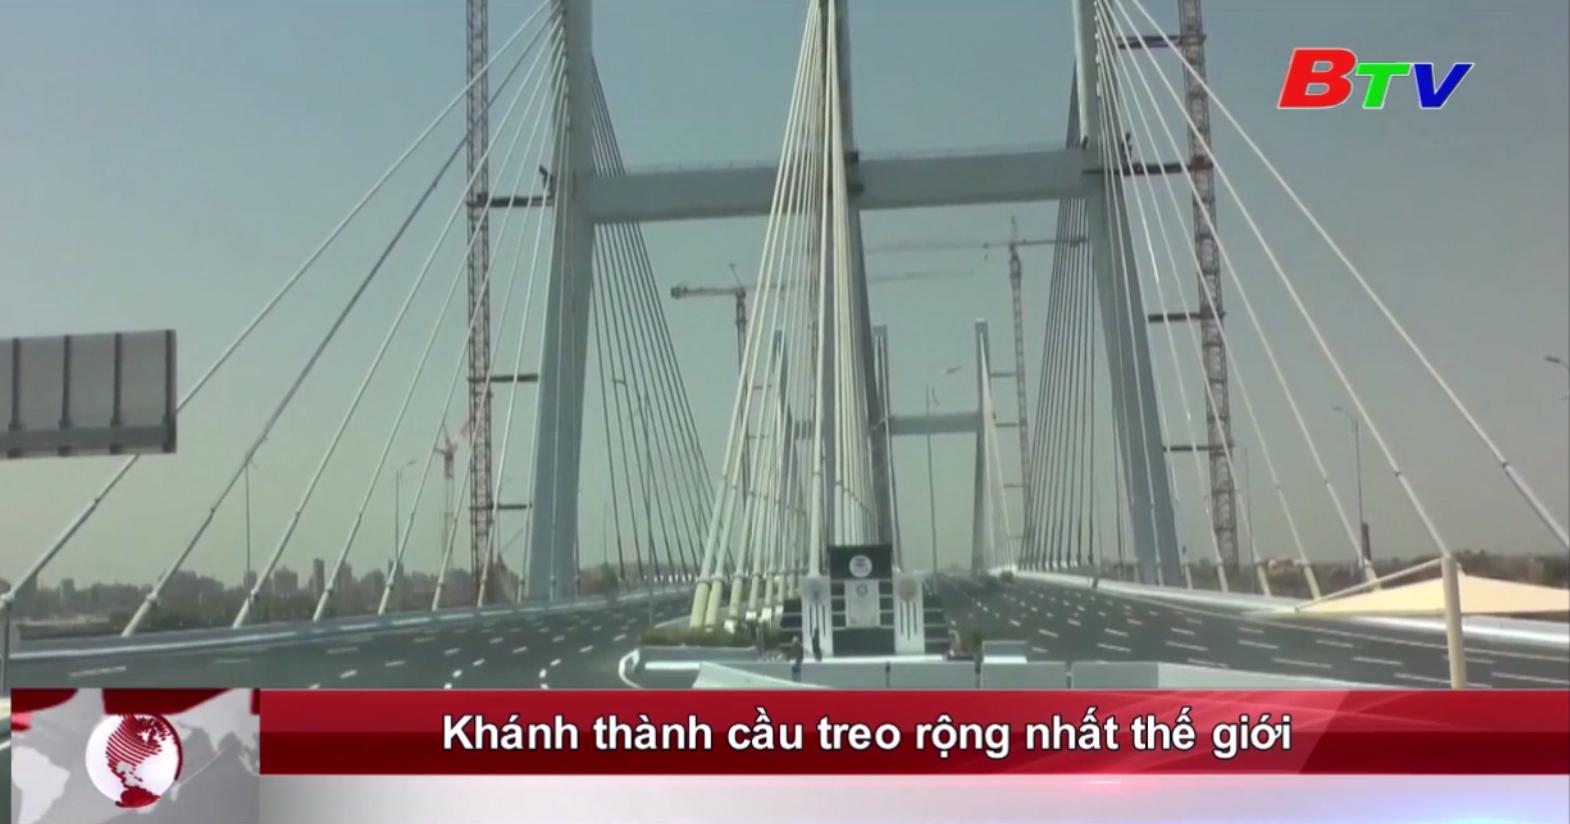 Khánh thành cầu treo rộng nhất thế giới